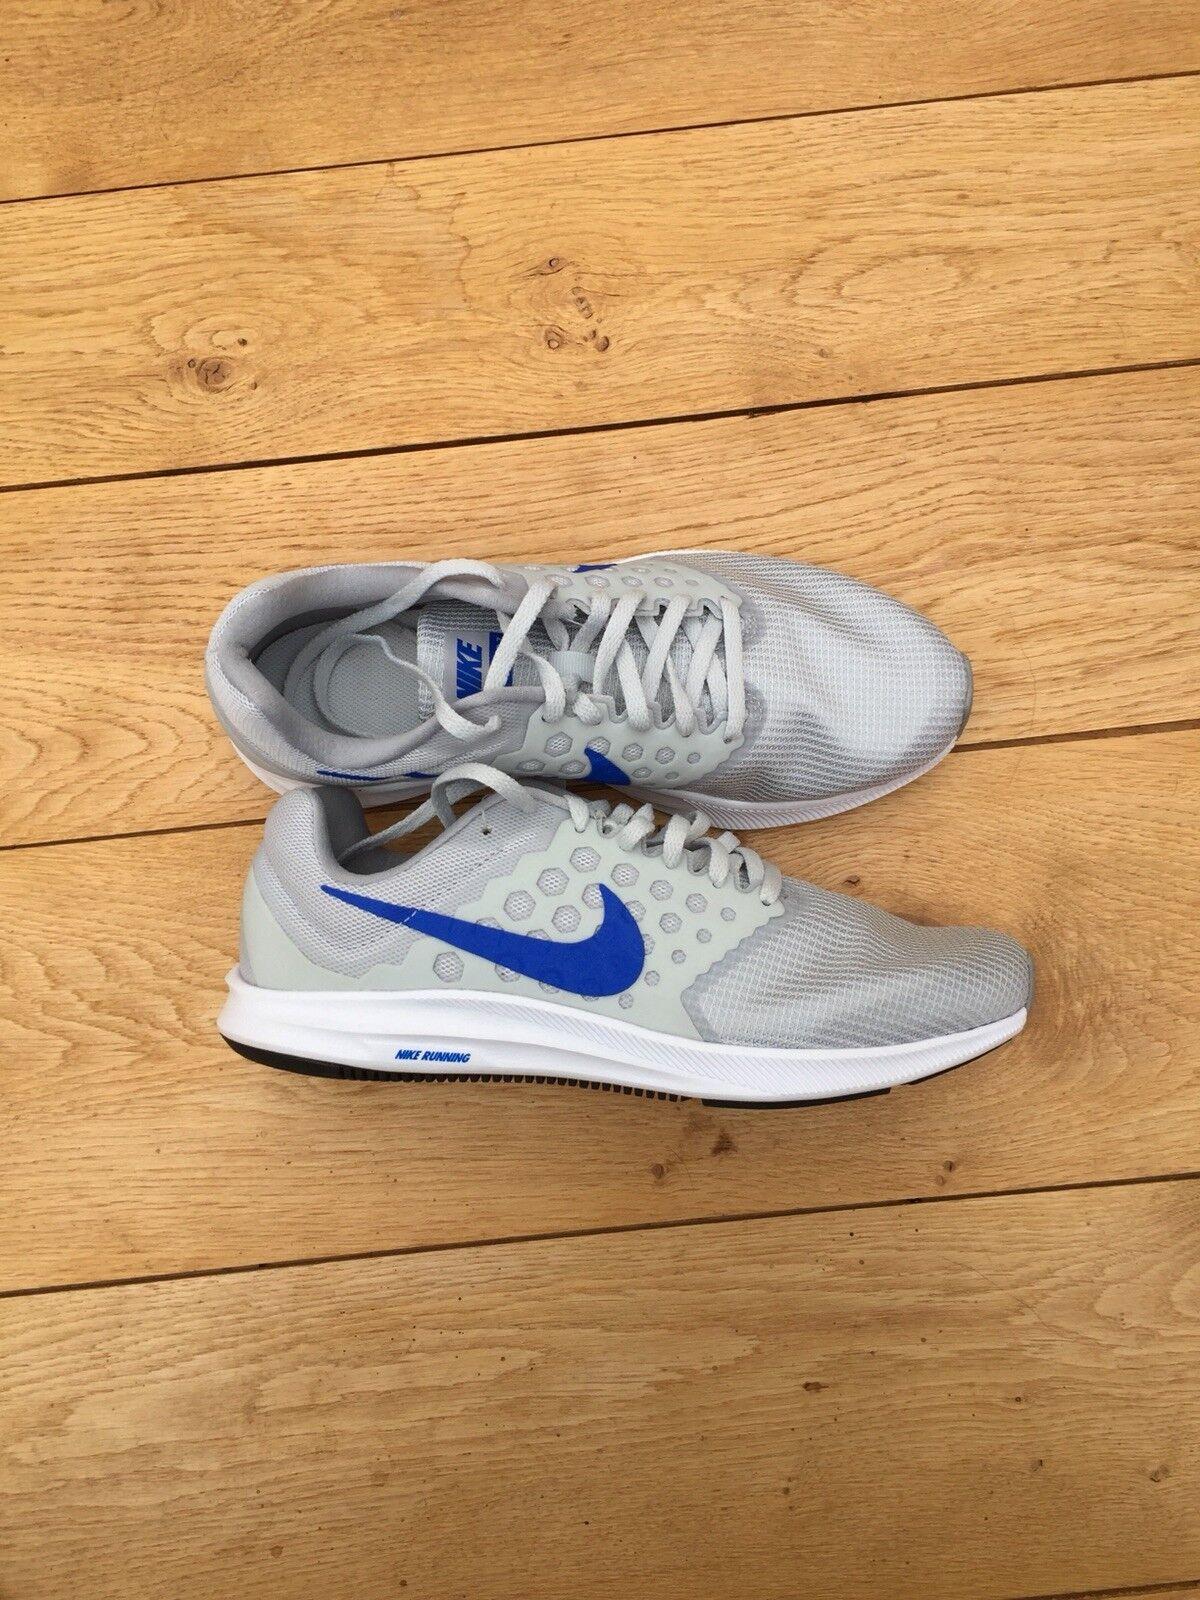 Nike Scarpe Da Corsa. Nuovo di zecca. Grigio e Blu